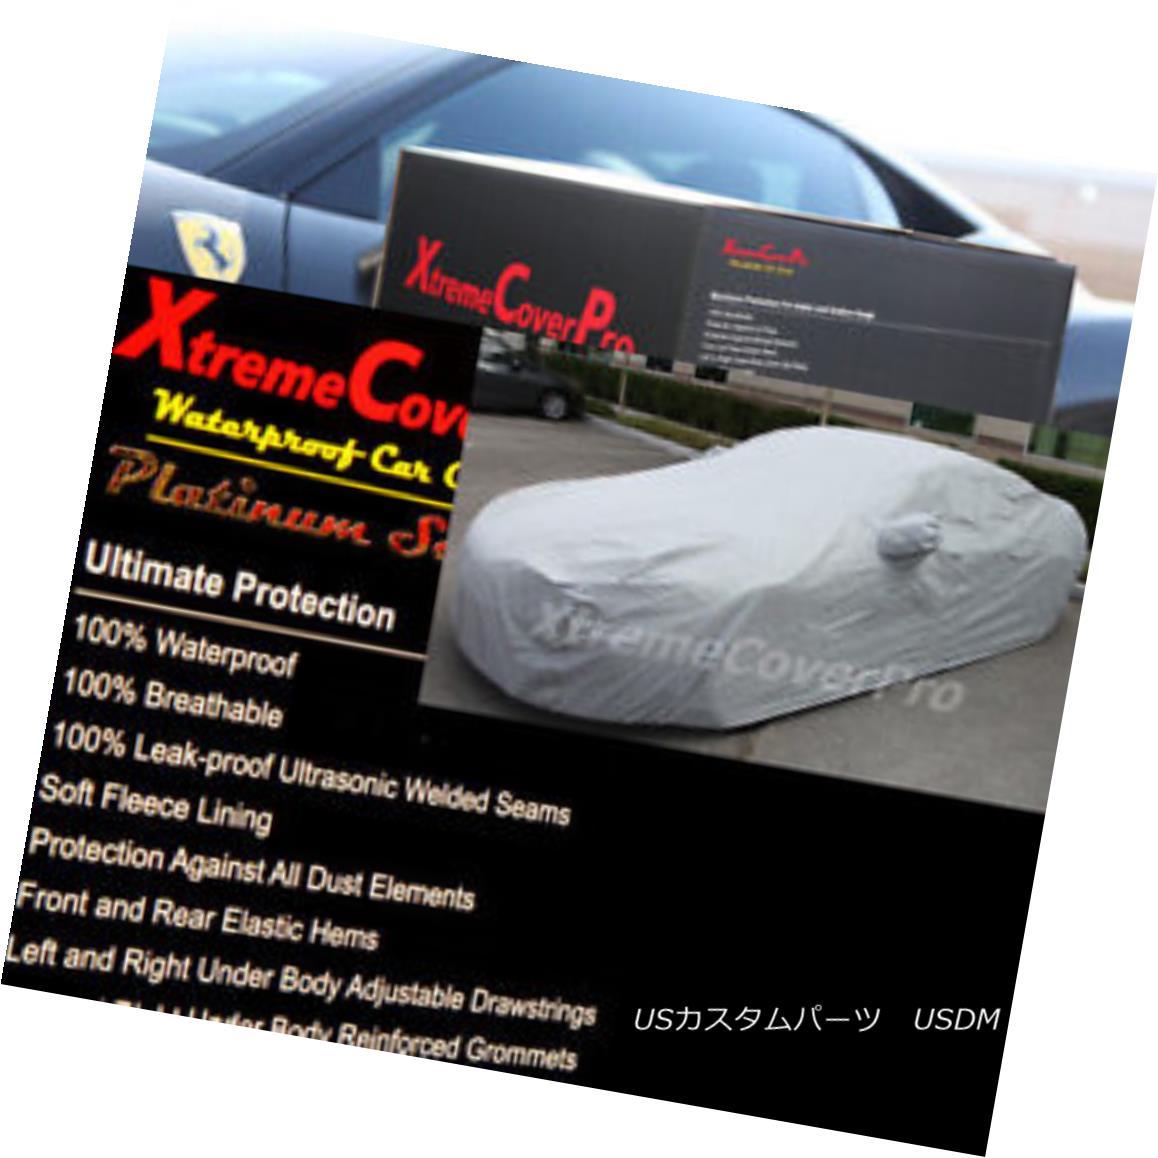 カーカバー 2018 MERCEDES S550 S63 COUPE WATERPROOF CAR COVER W/MIRROR POCKET GRAY 2018 MERCEDES S550 S63クーペ防水カーカバーW / MIRROR POCKET GRAY